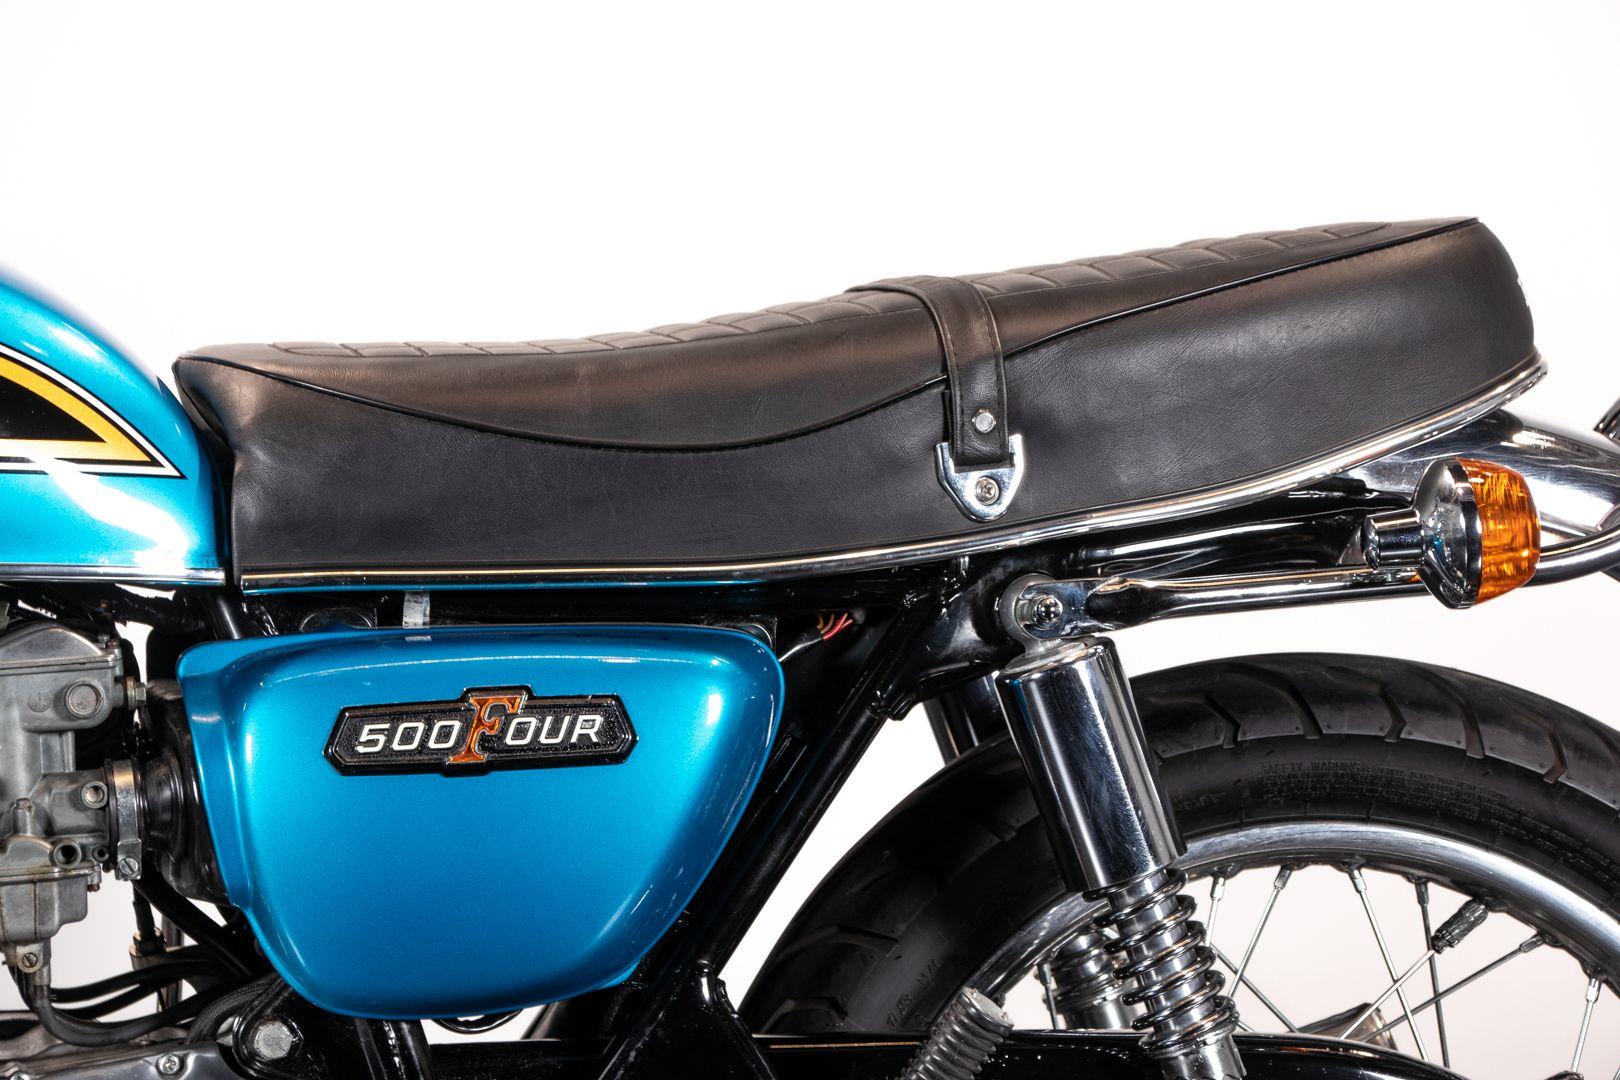 1976 Honda CB 500 Four 73316